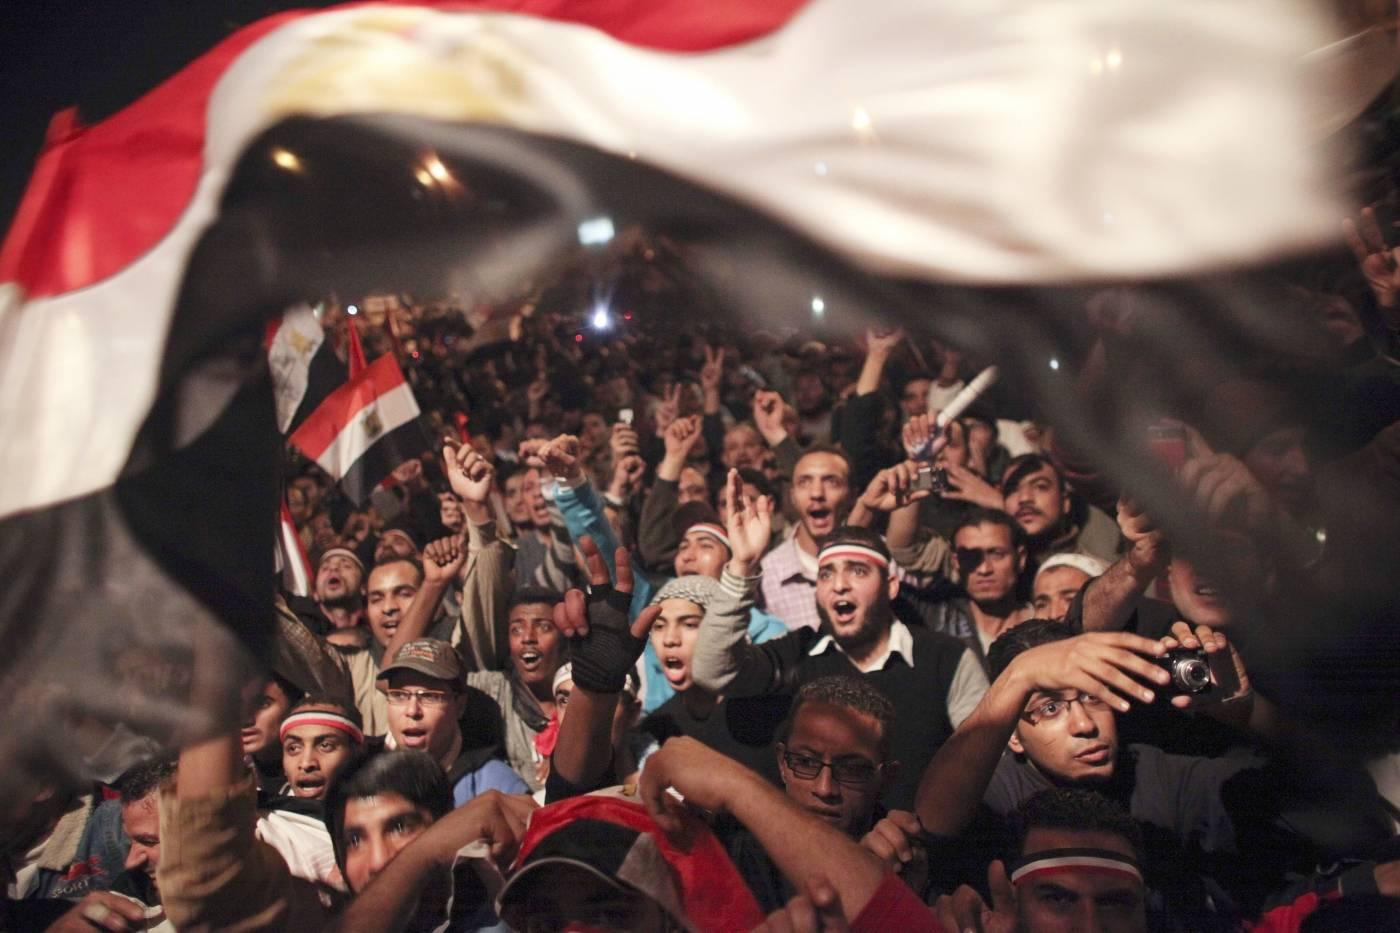 Egyptierna firar nyheten om att Mubarak avgår som president i februari 2011. Foto: AP Photo / Tara Todras-Whitehill.